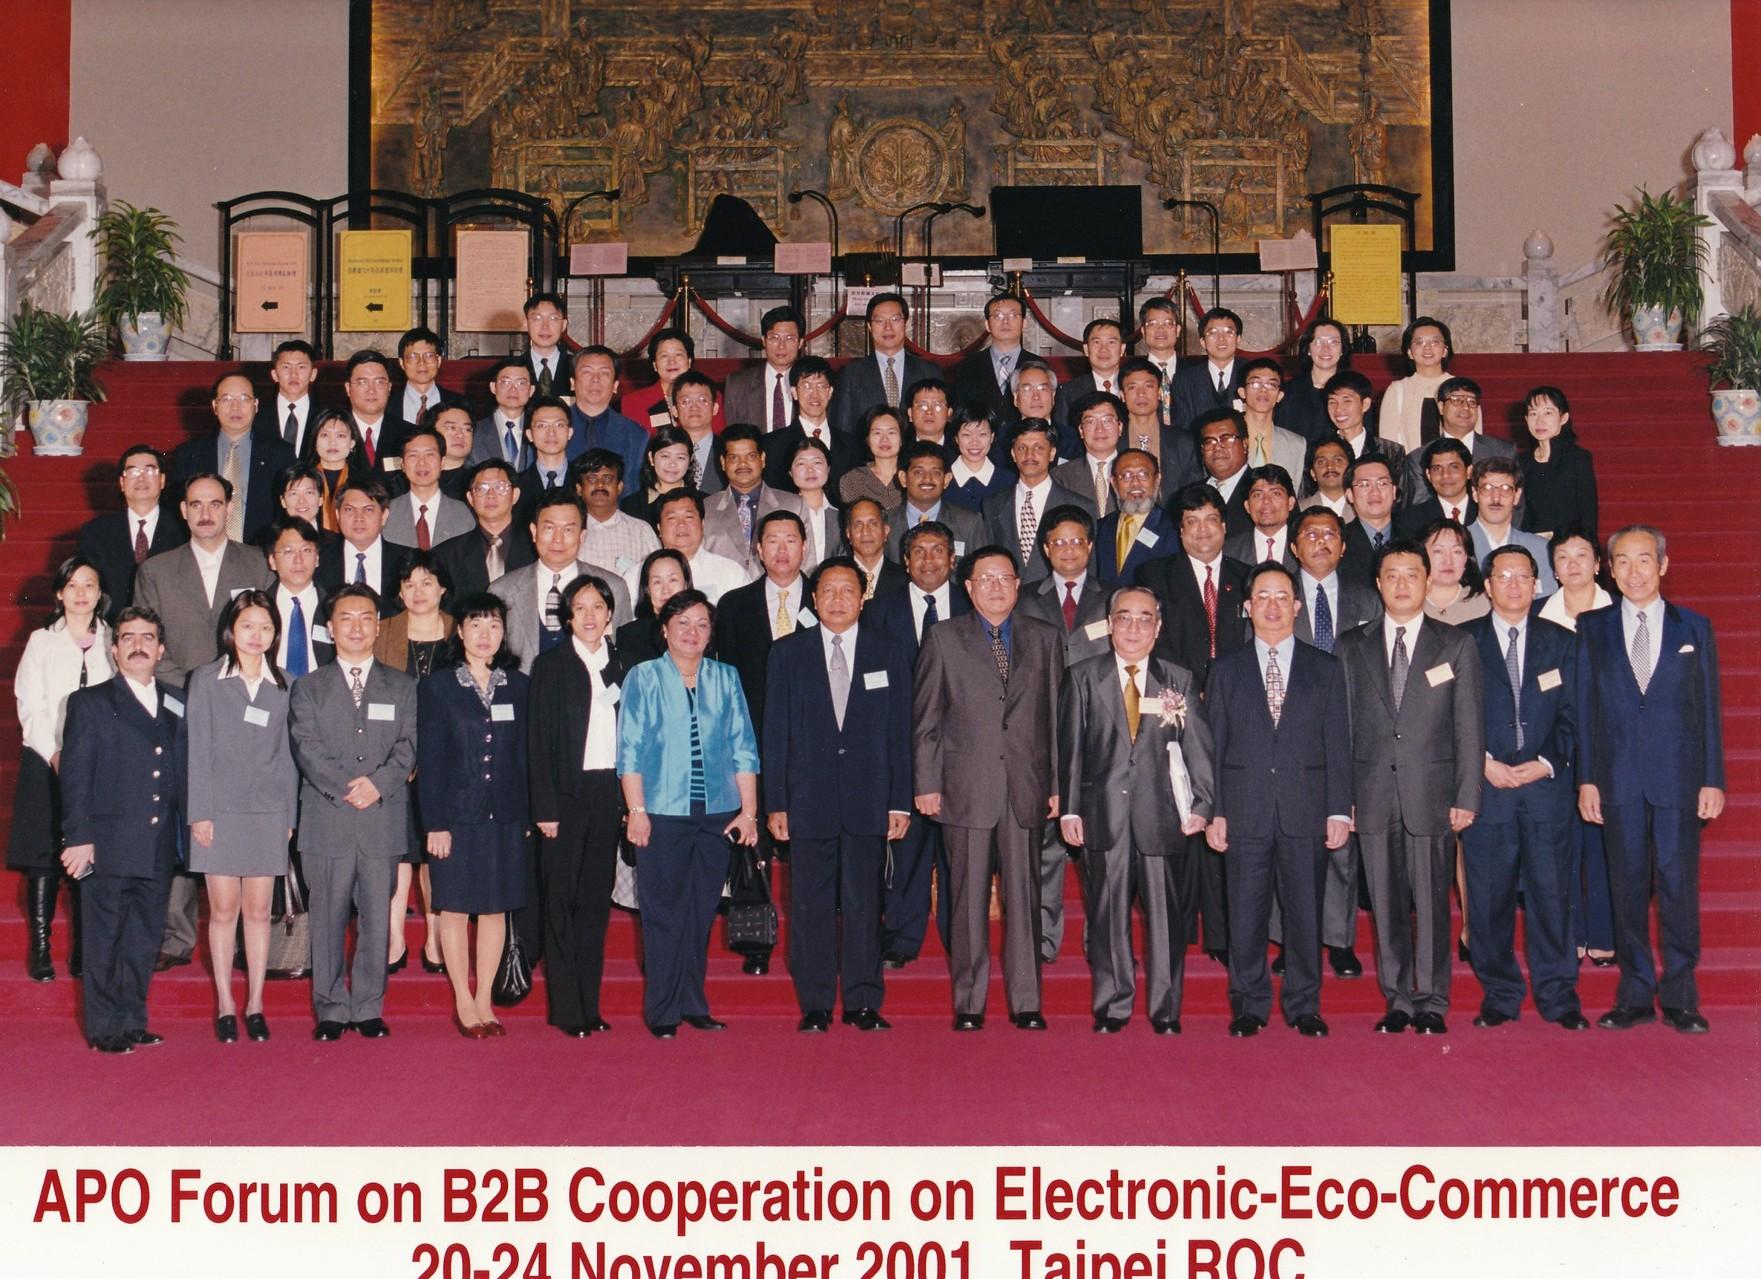 2001 APO国際フォーラム in 台湾 日本代表として参加3